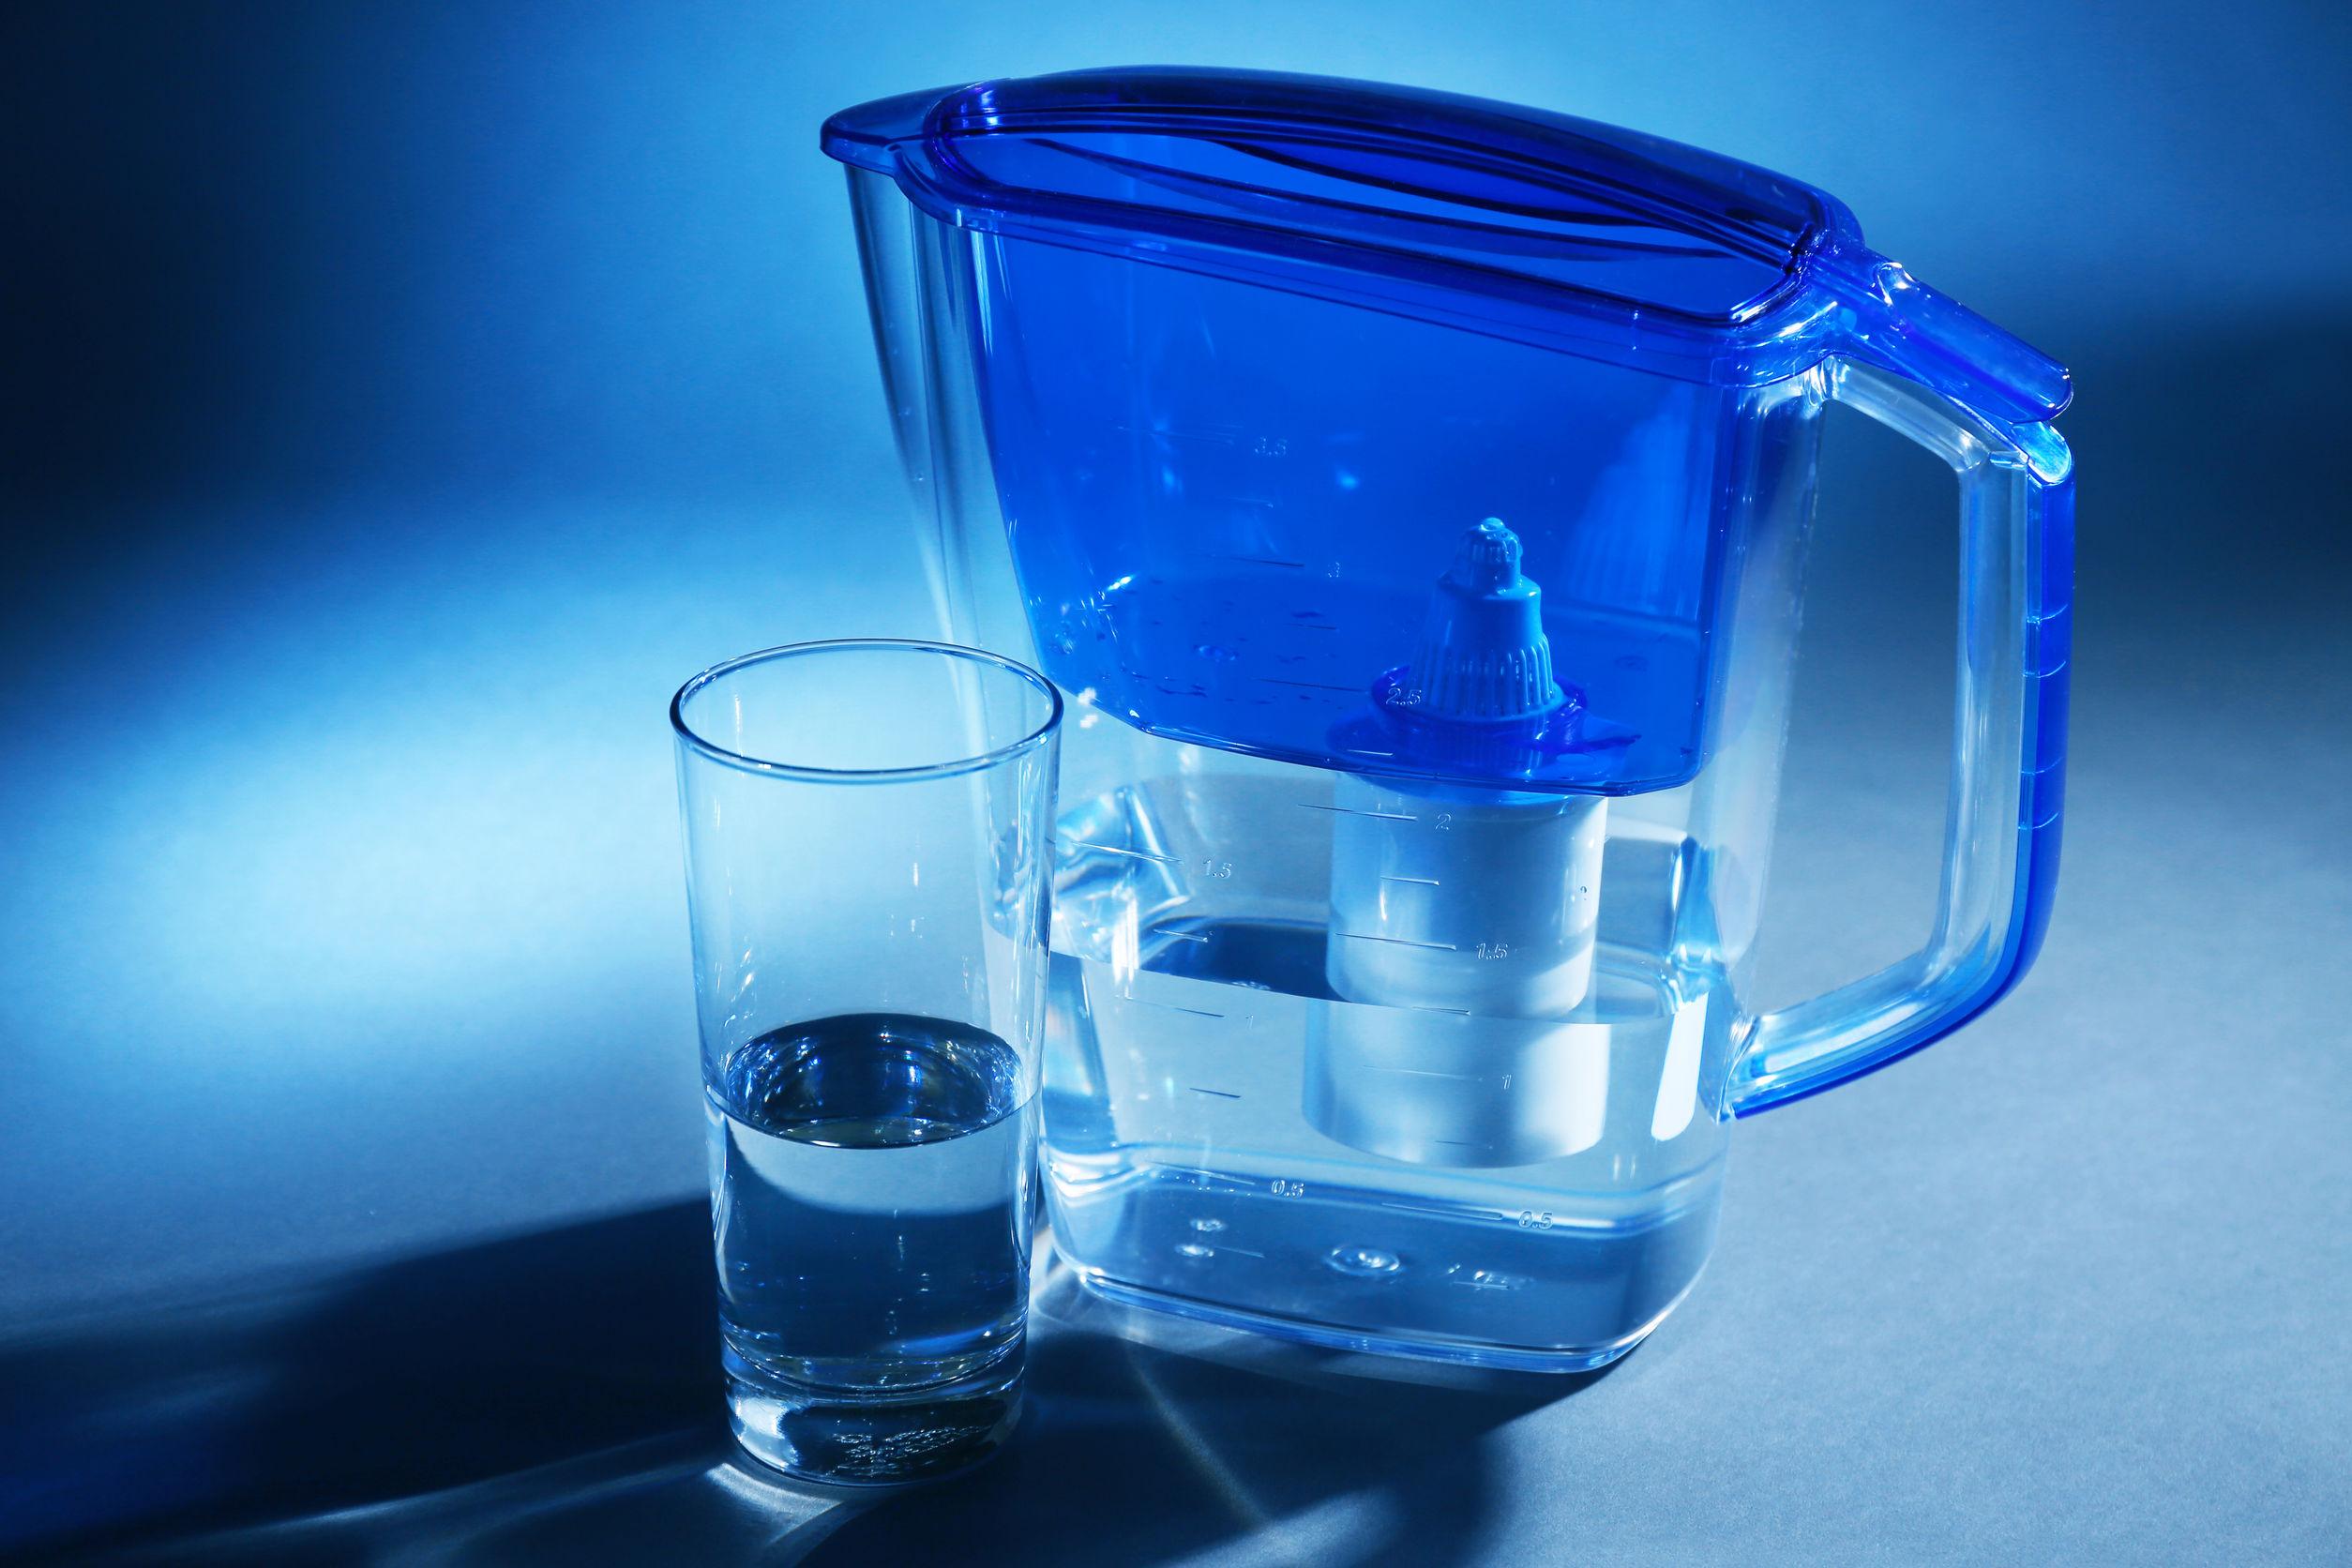 Brita Wasserfilter: Test & Empfehlungen (05/21)